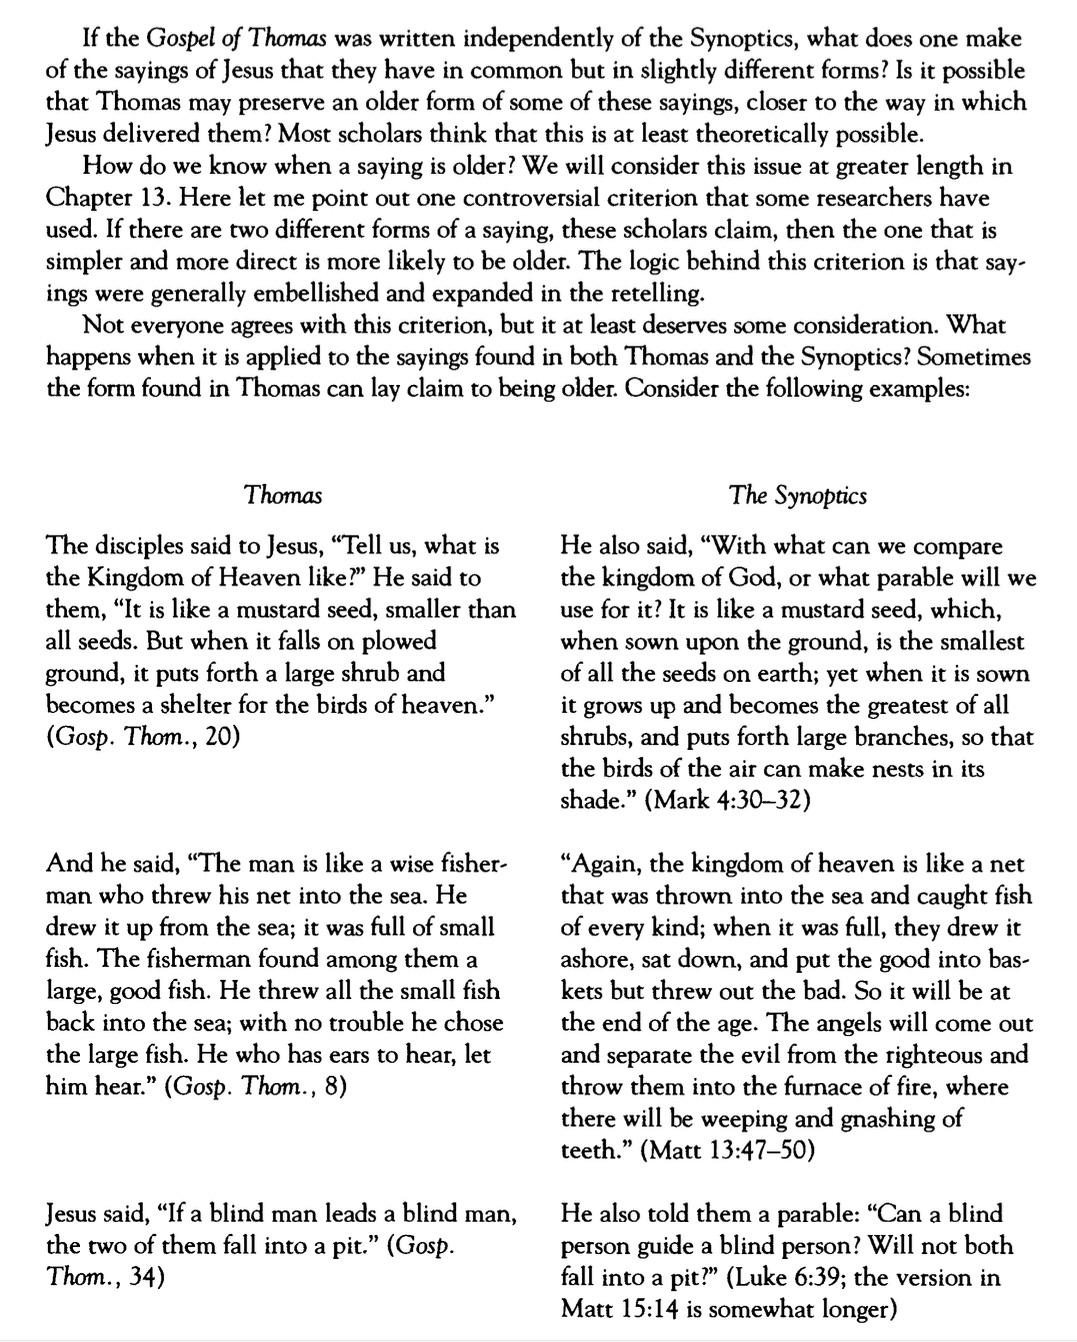 * Evangile de Thomas et les Synoptiques.jpg